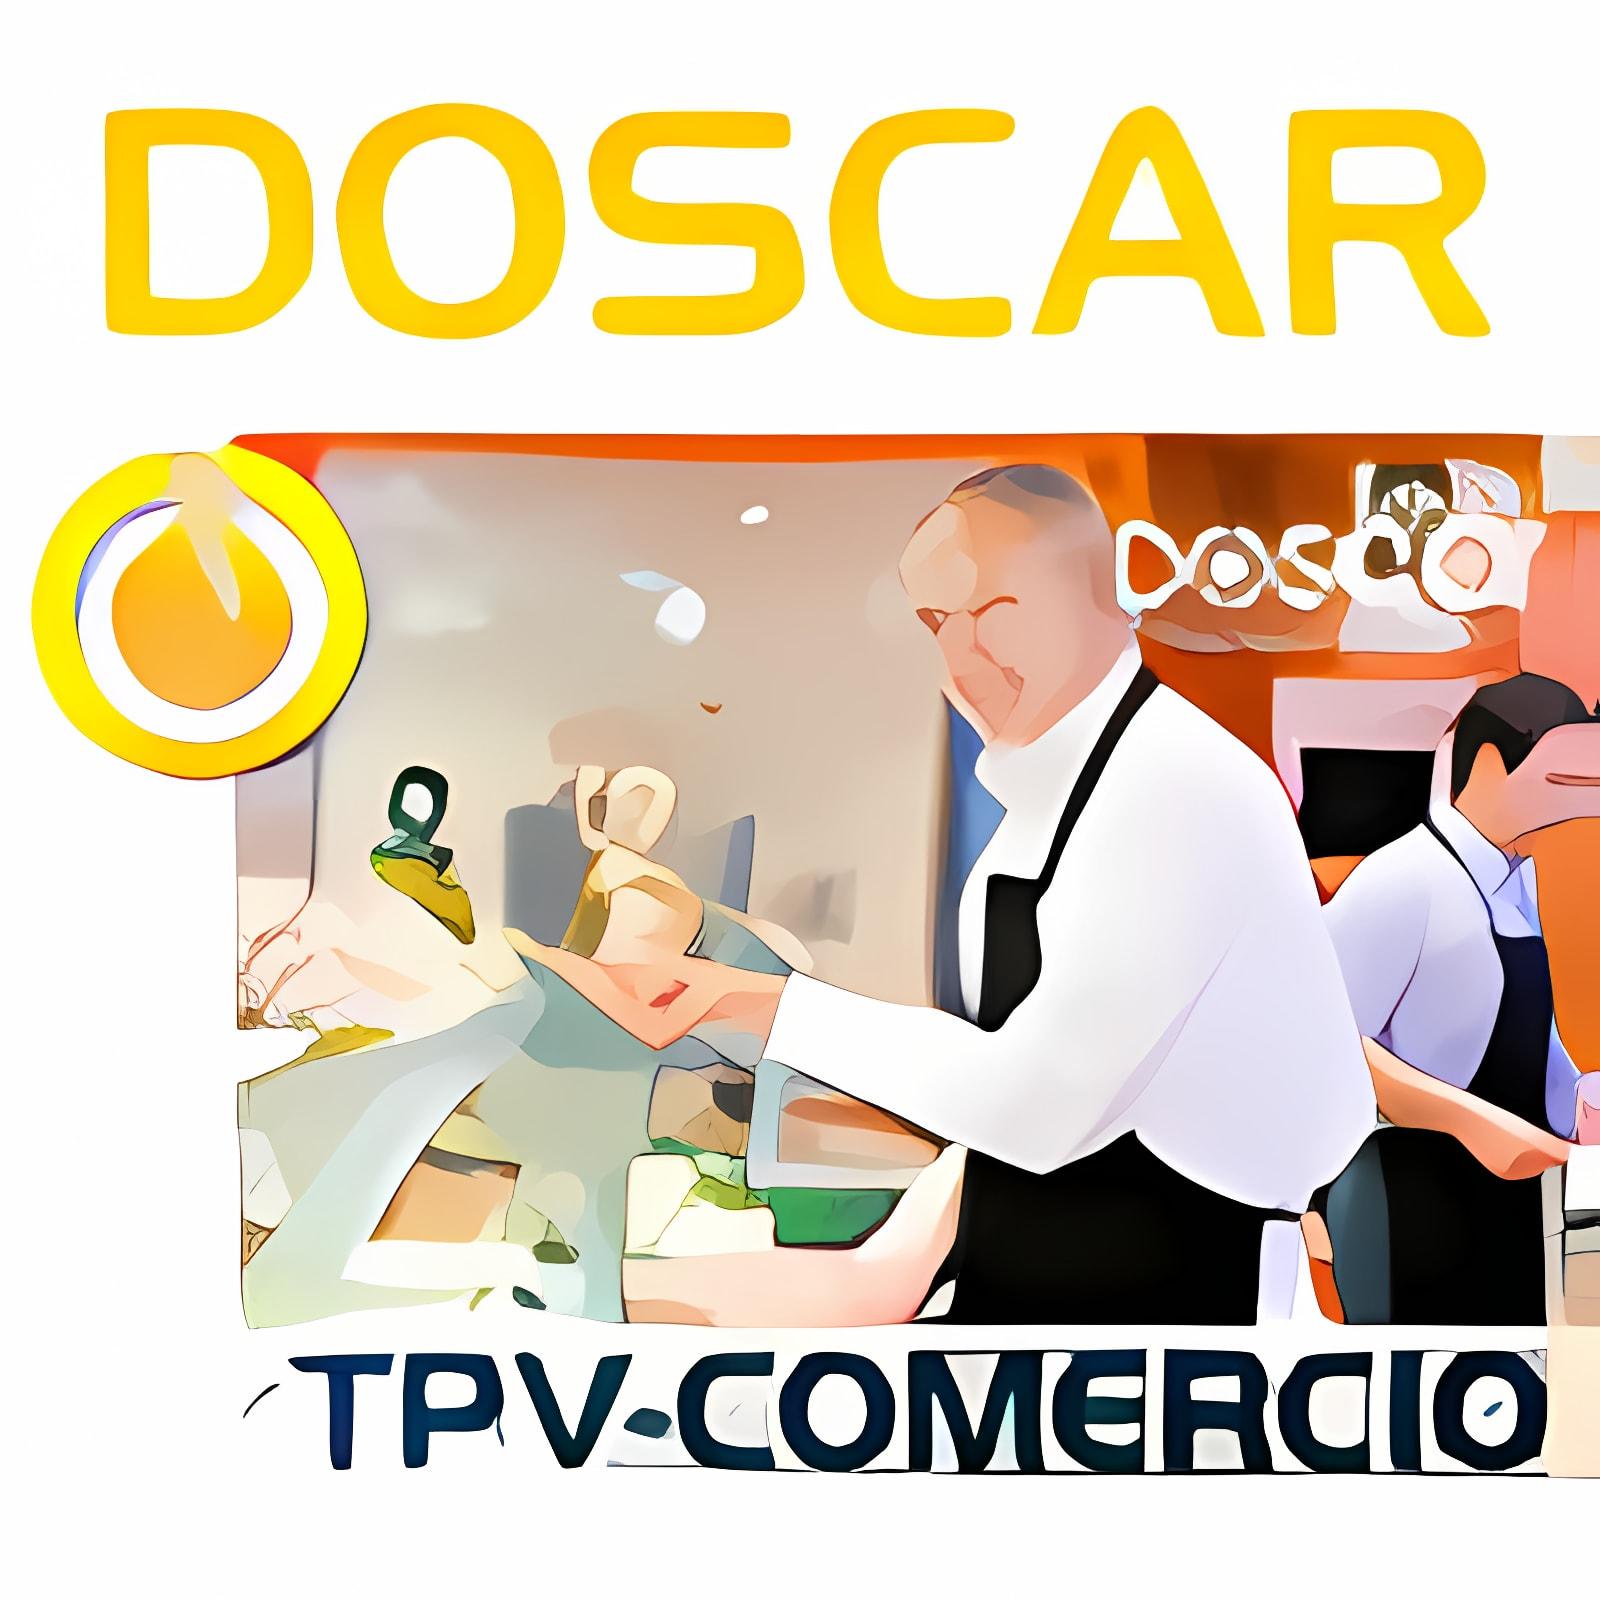 Doscar TPV Comercio 6.9